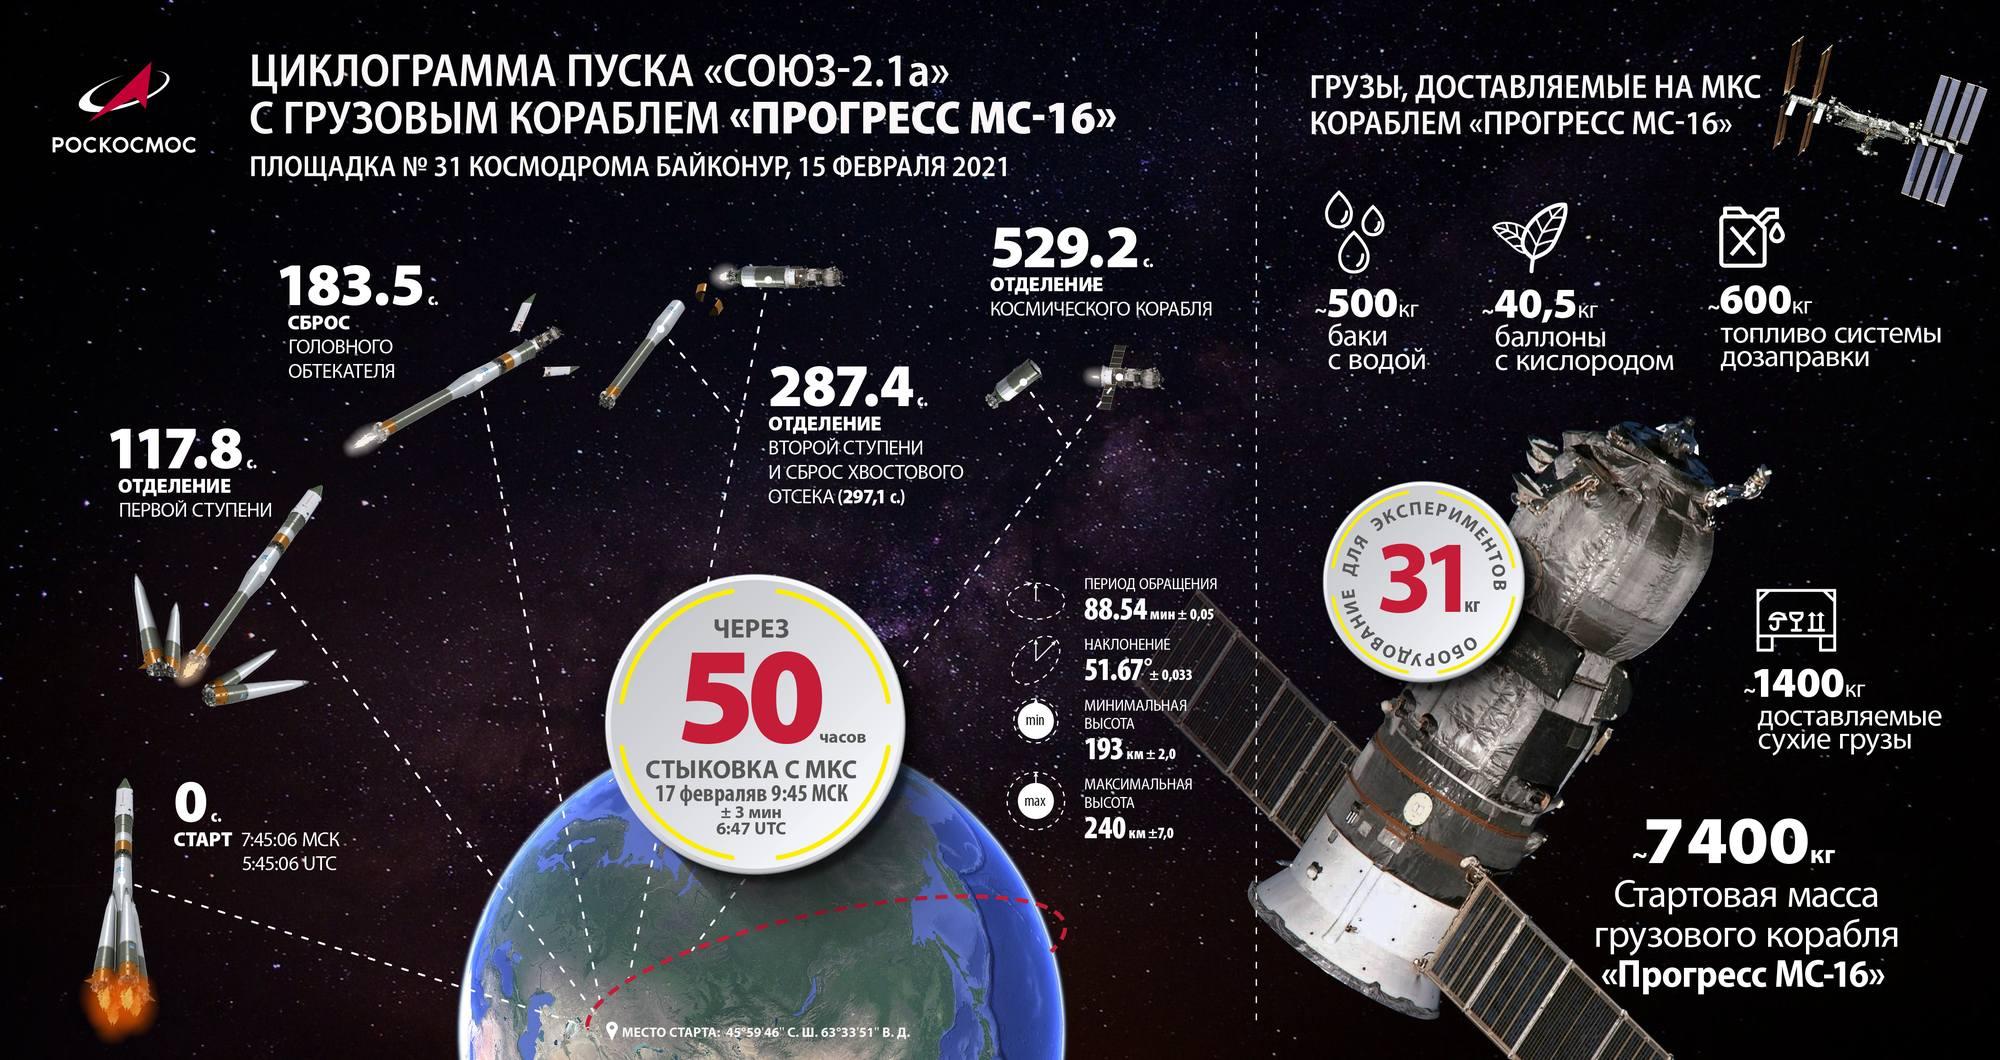 Le timing du lancement de Progress MS-16.